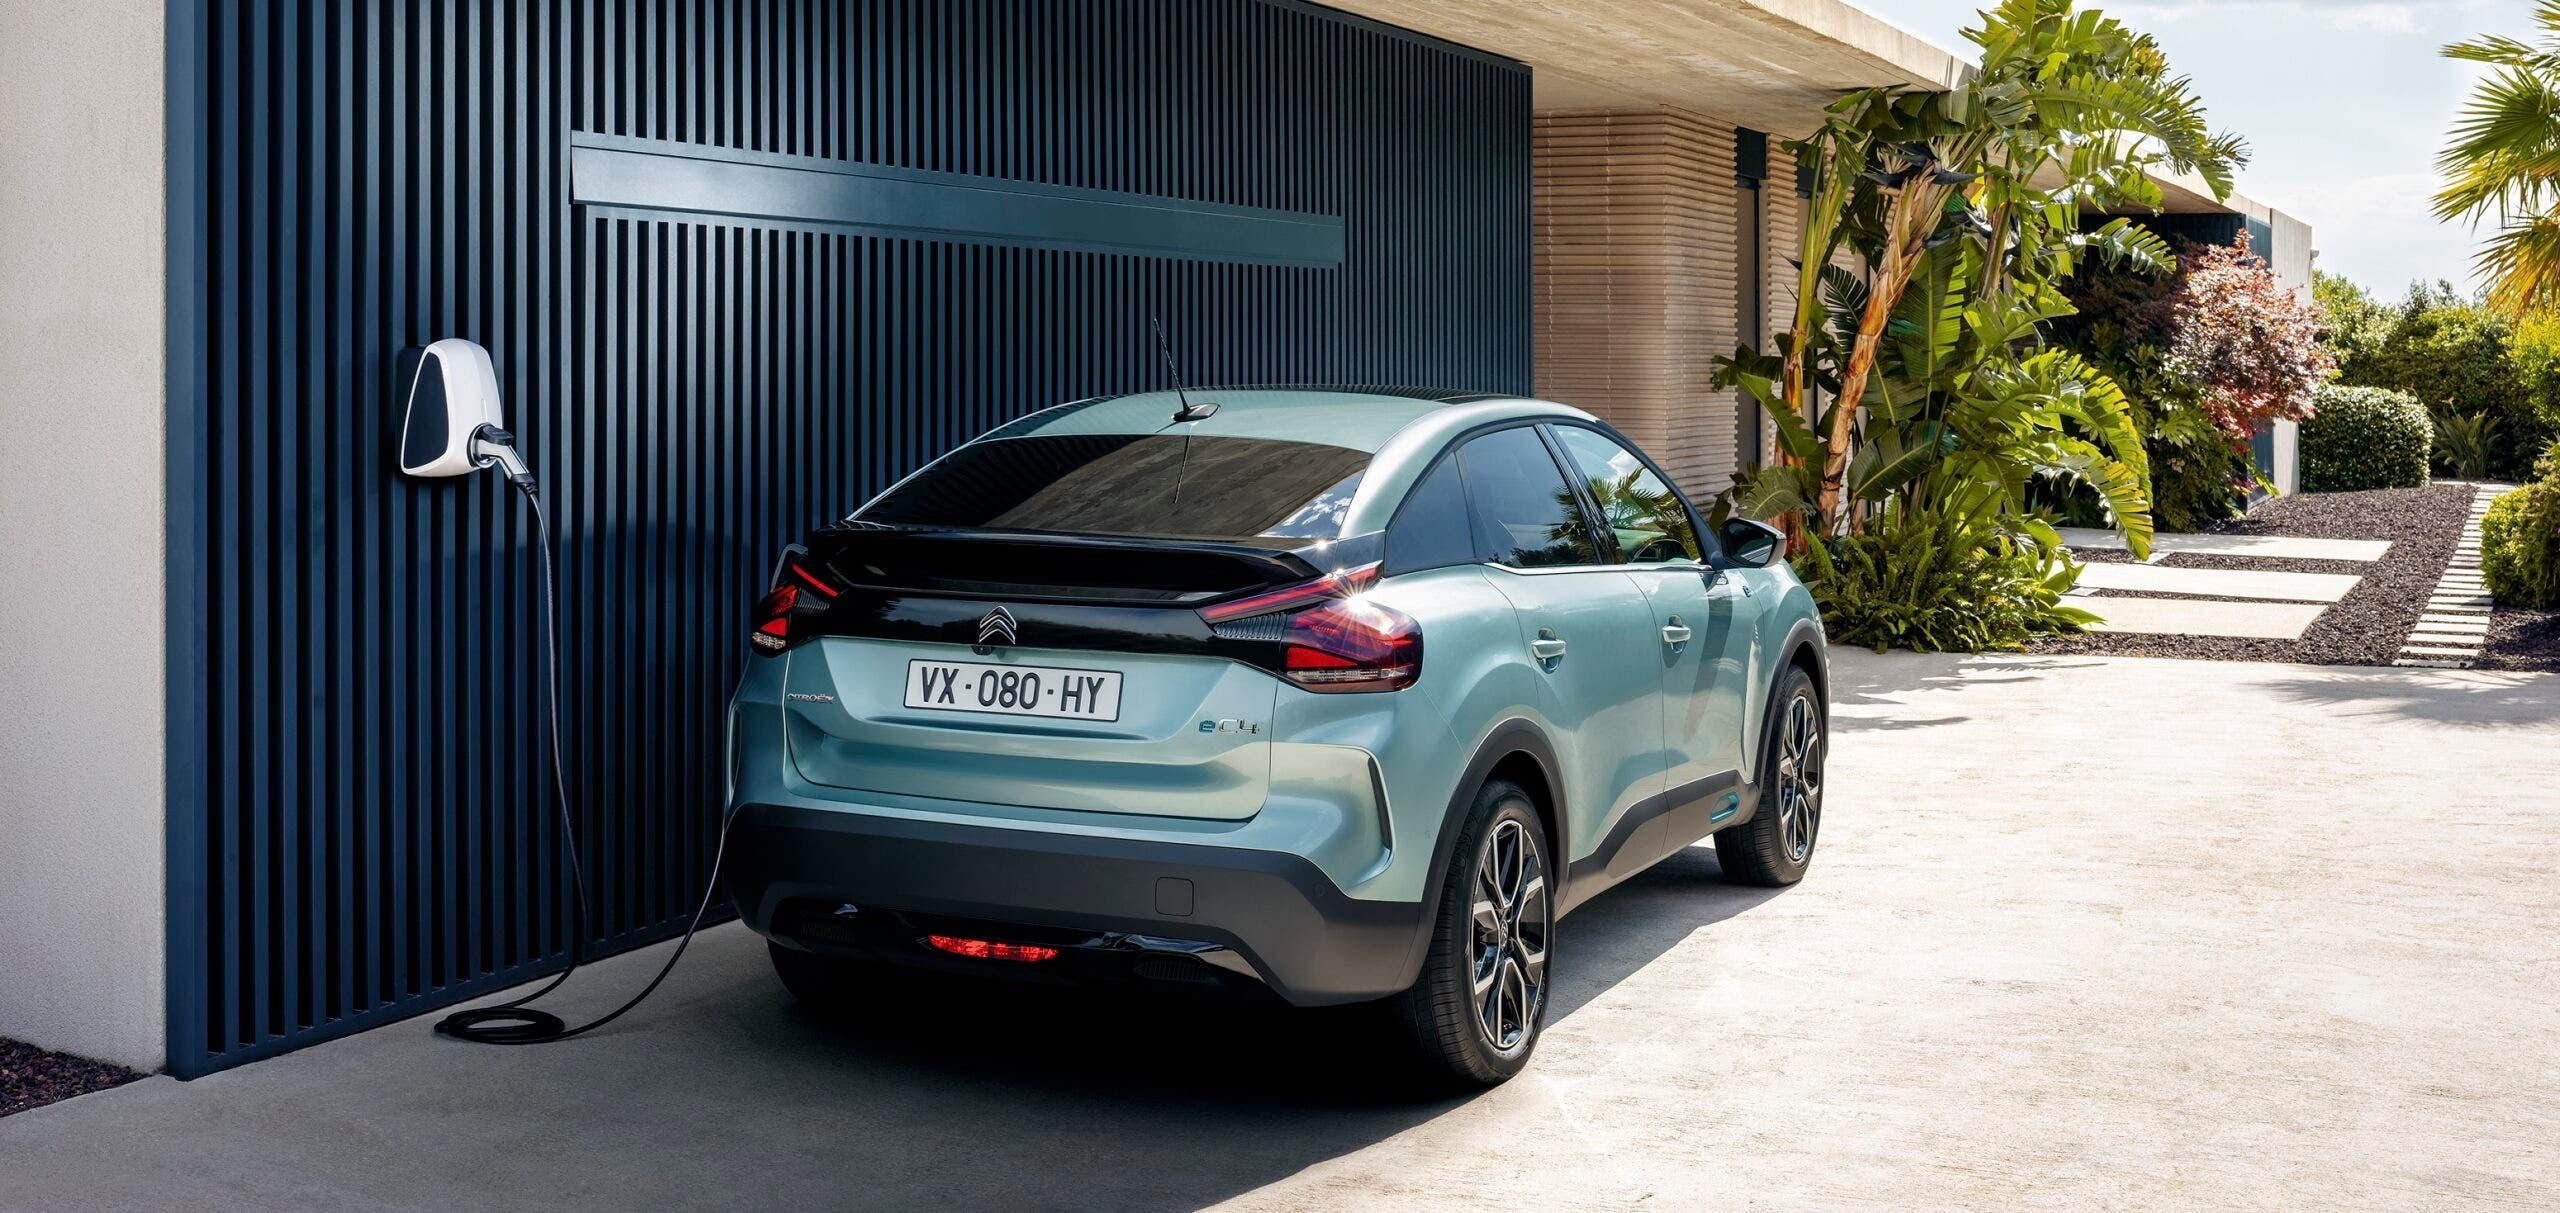 Nuova Citroën e-C4